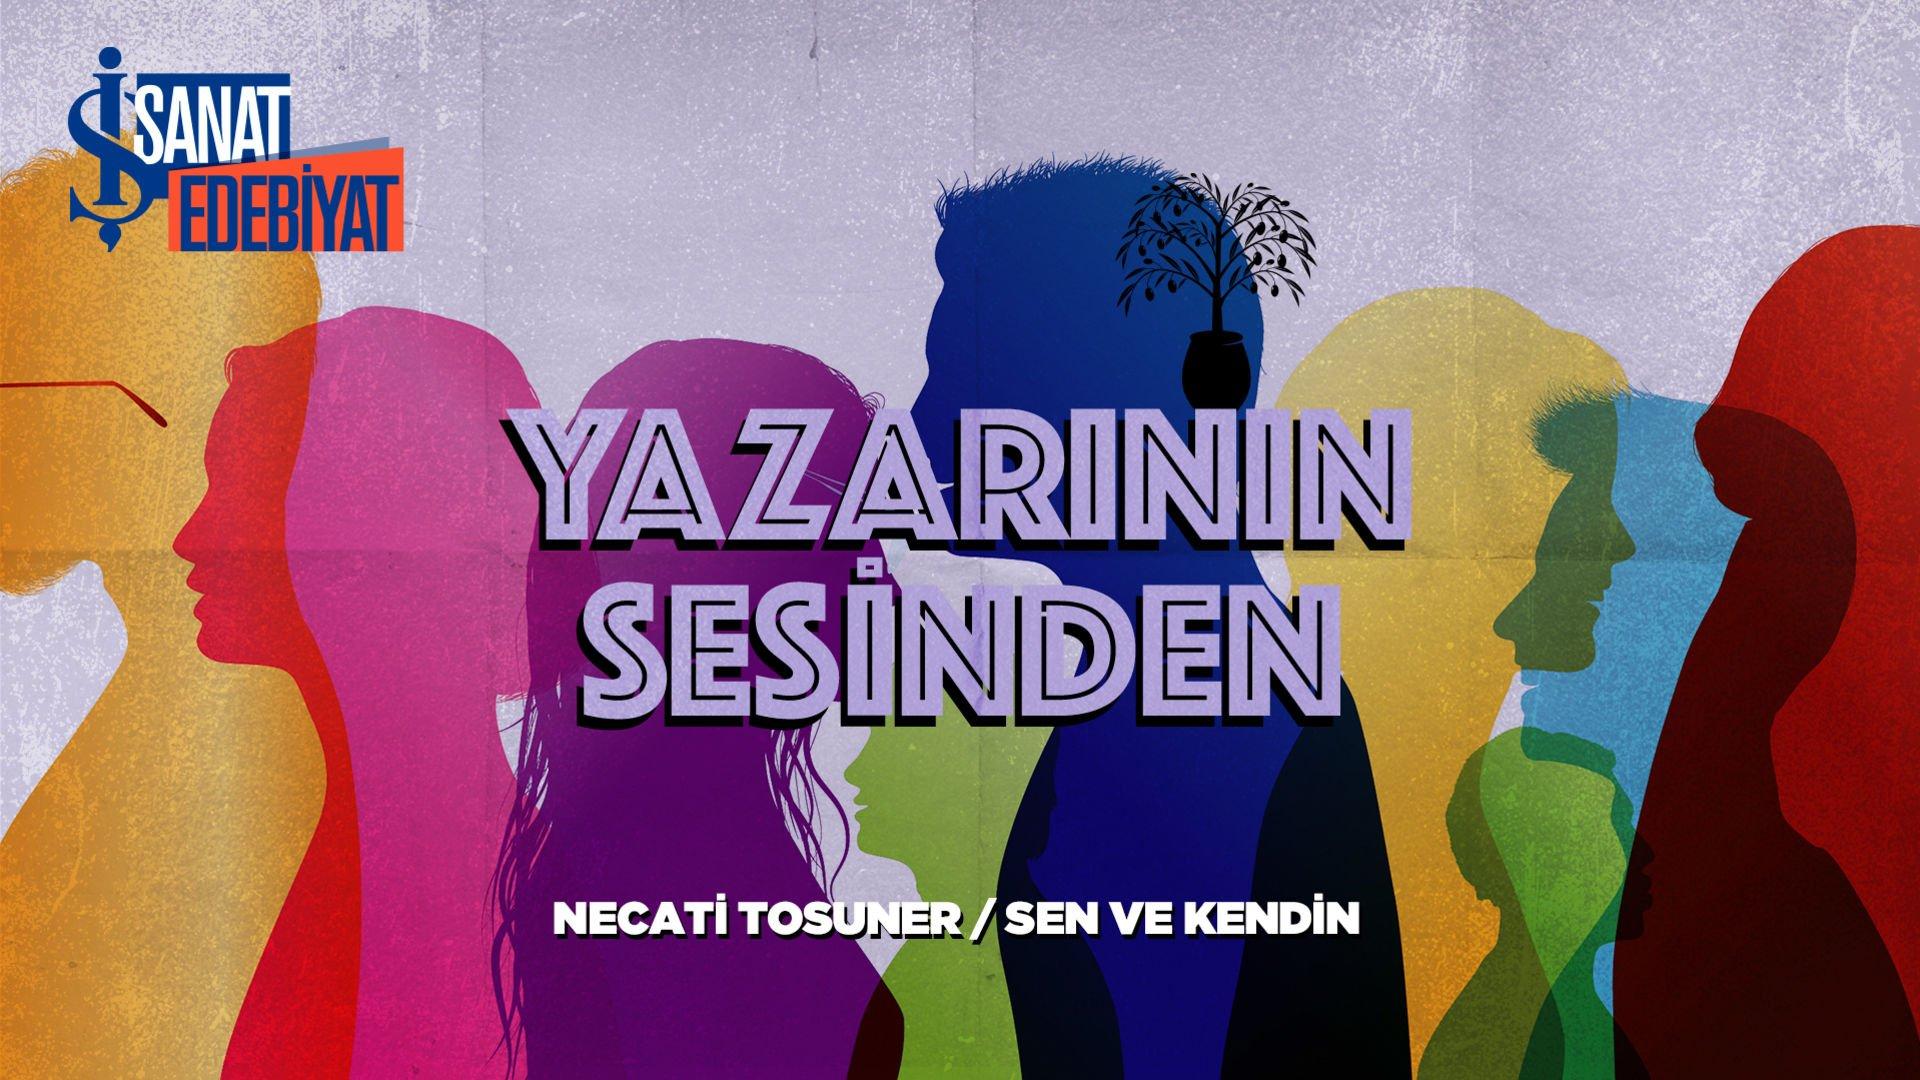 İş Sanat 'Yazarının Sesinden' serisinin konuğu yazar Necati Tosuner